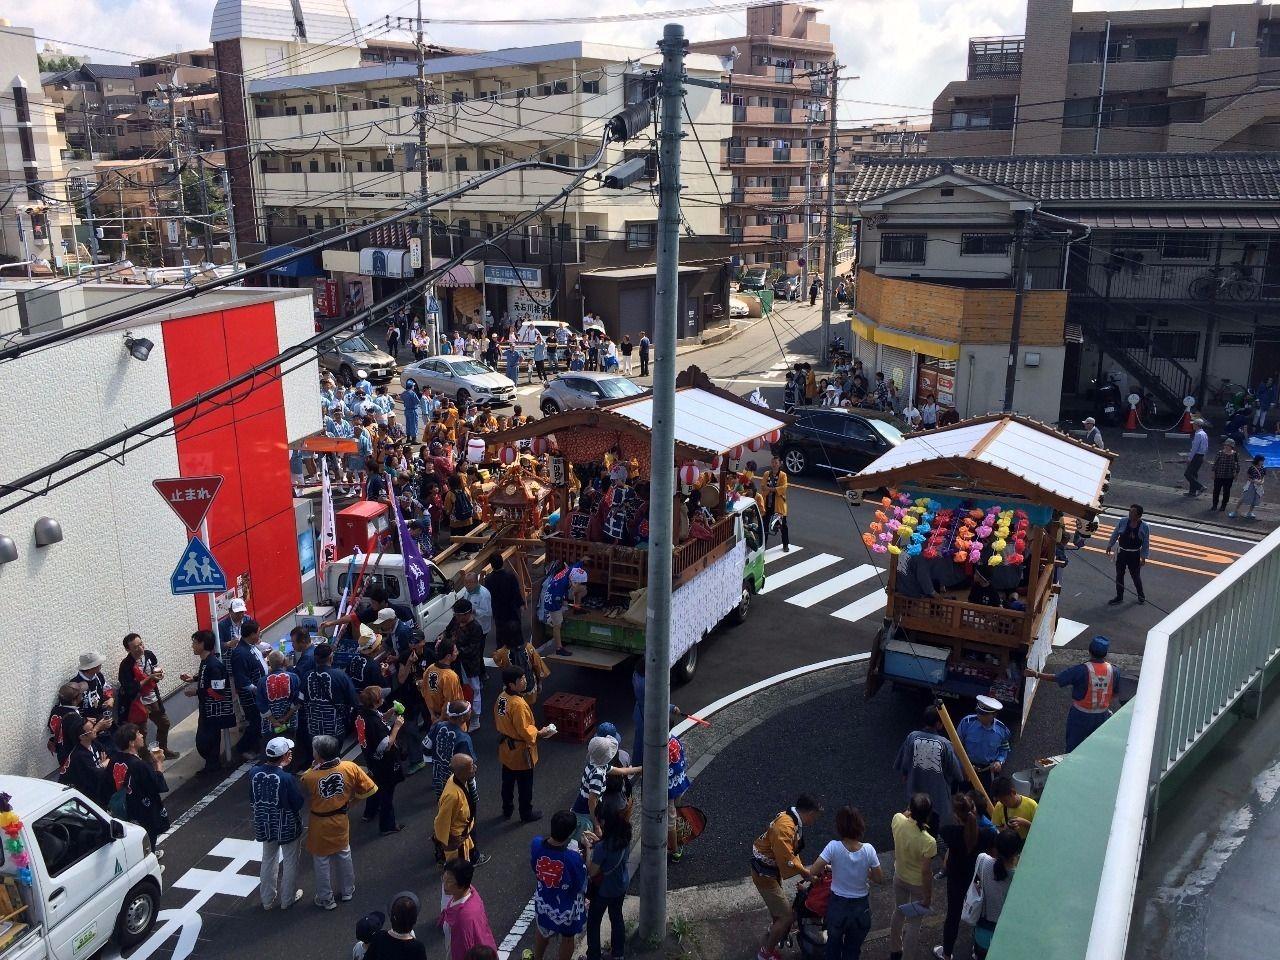 ミニスーパー佐登屋さん前です。平川神社(横浜市青葉区美しが丘4丁目)の秋祭りの様子です。